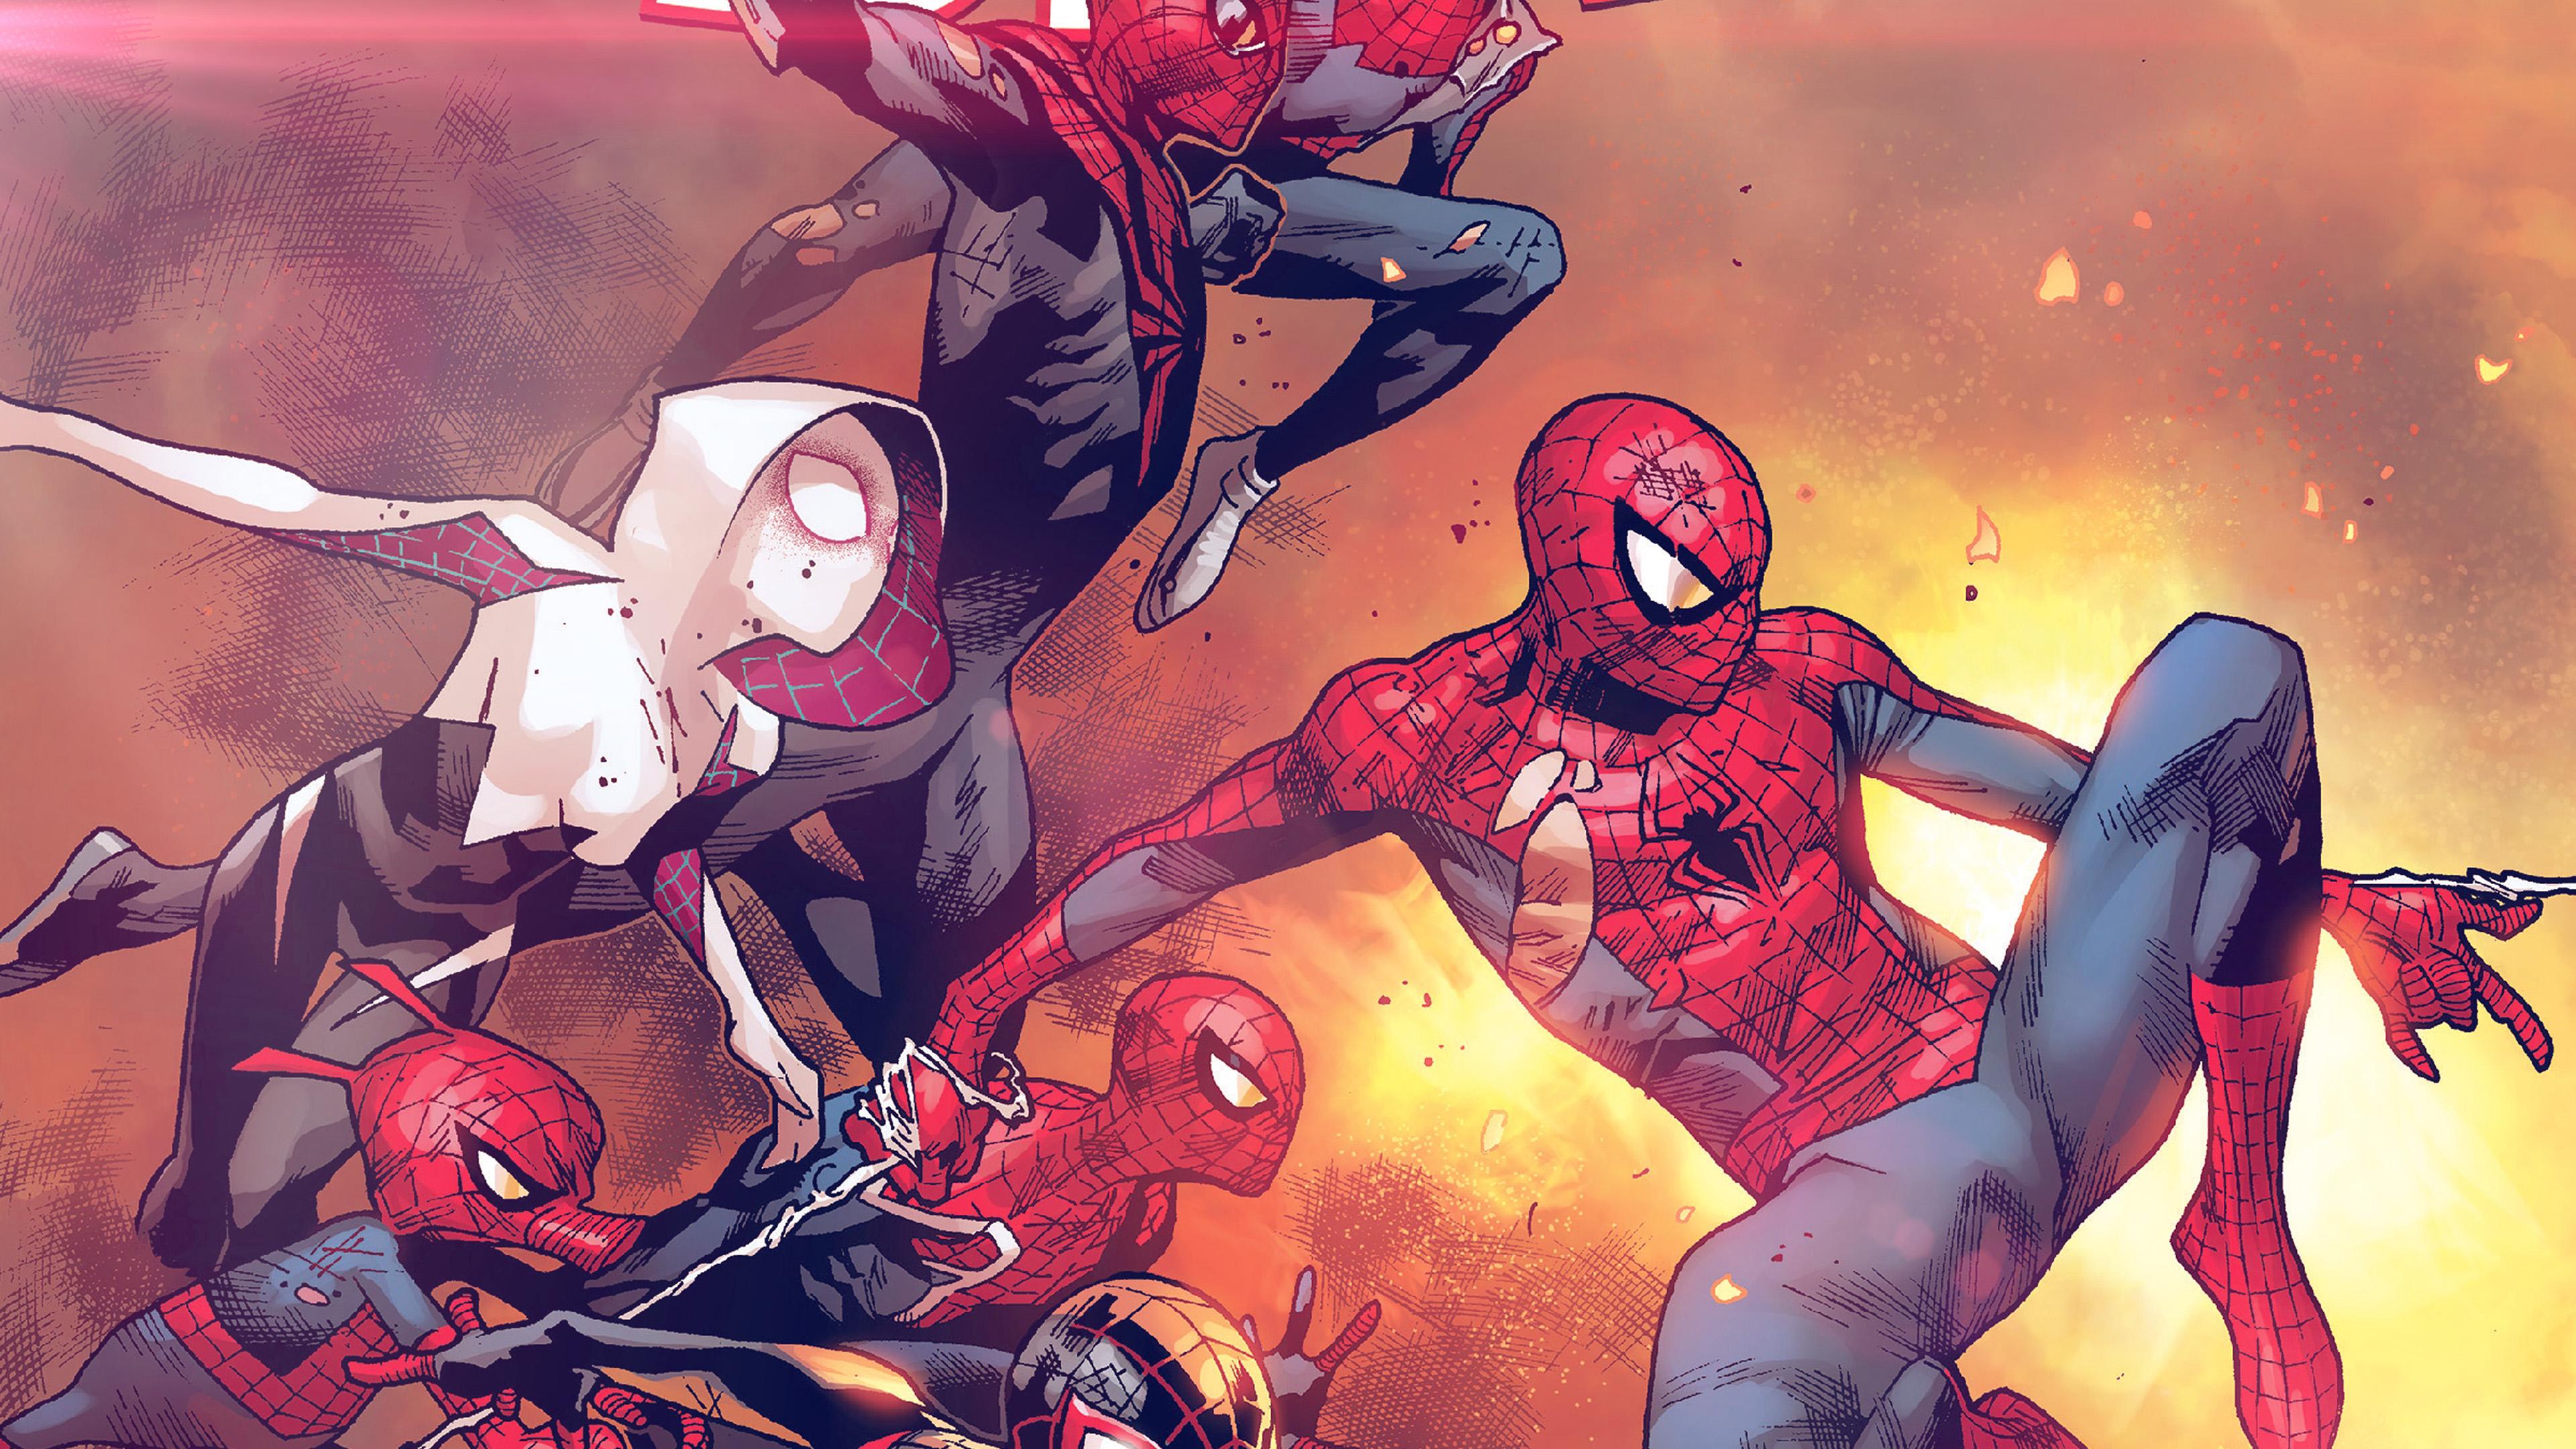 Al98 Amazing Spiderman Marvel Art Hero Film Anime Flare